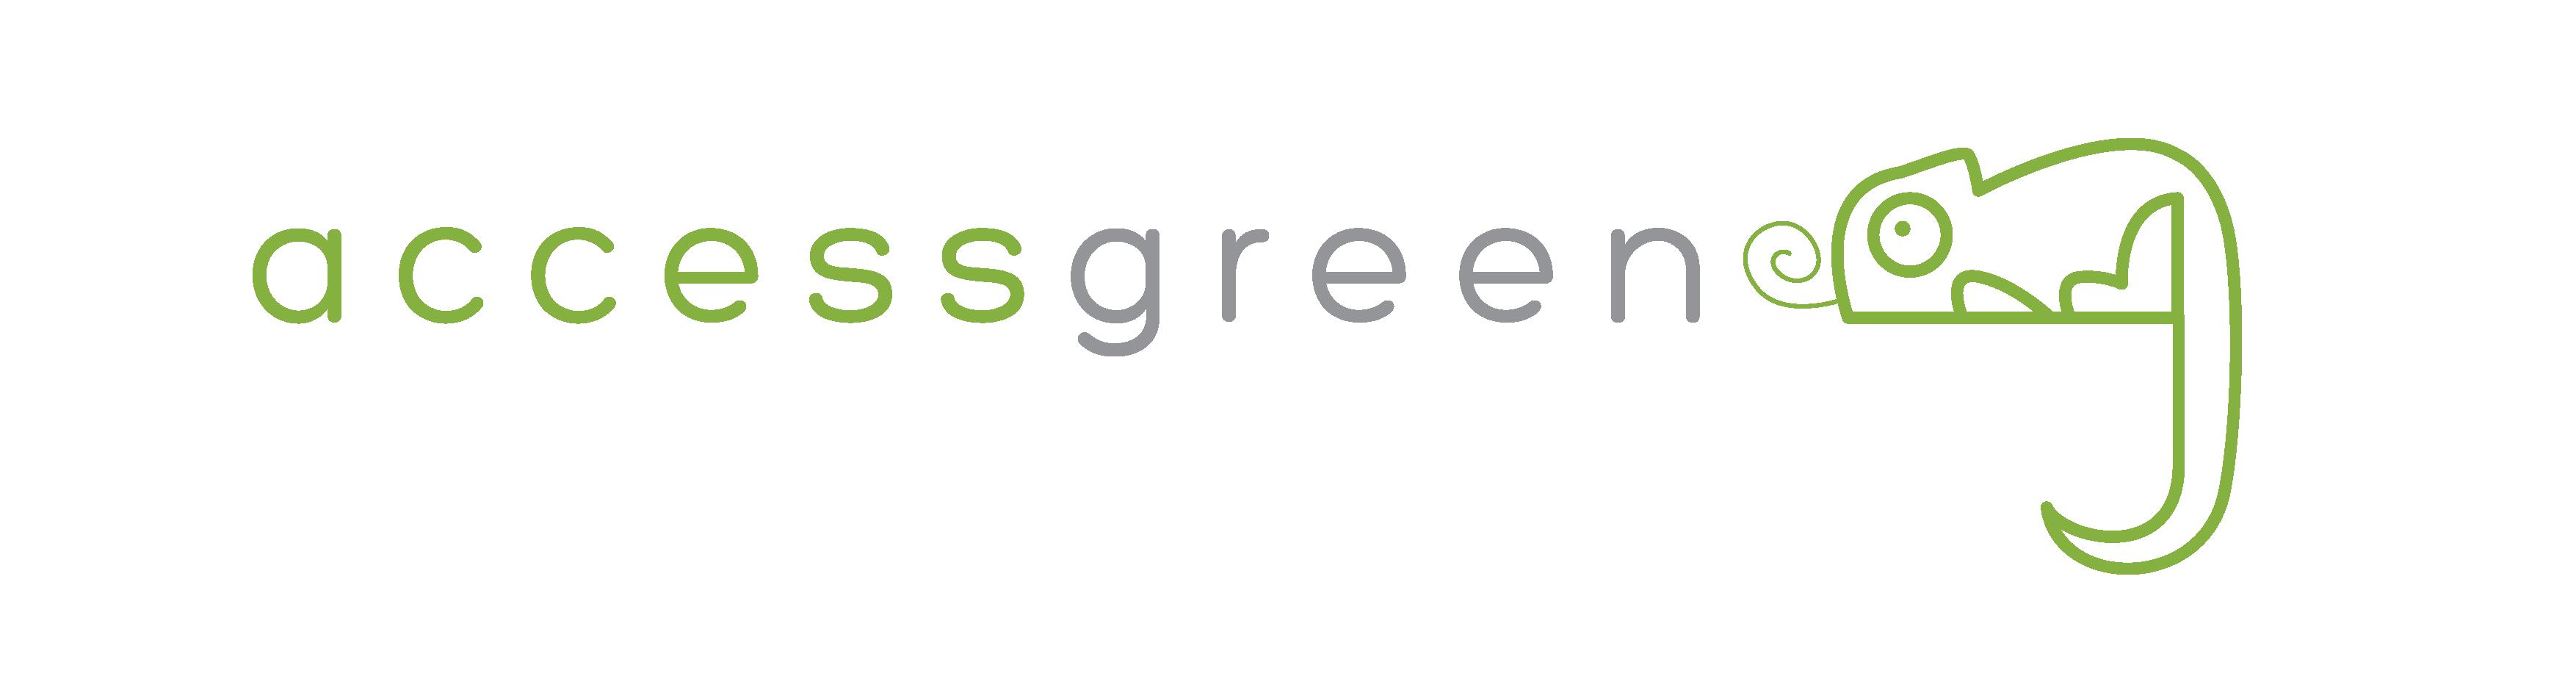 accessgreen